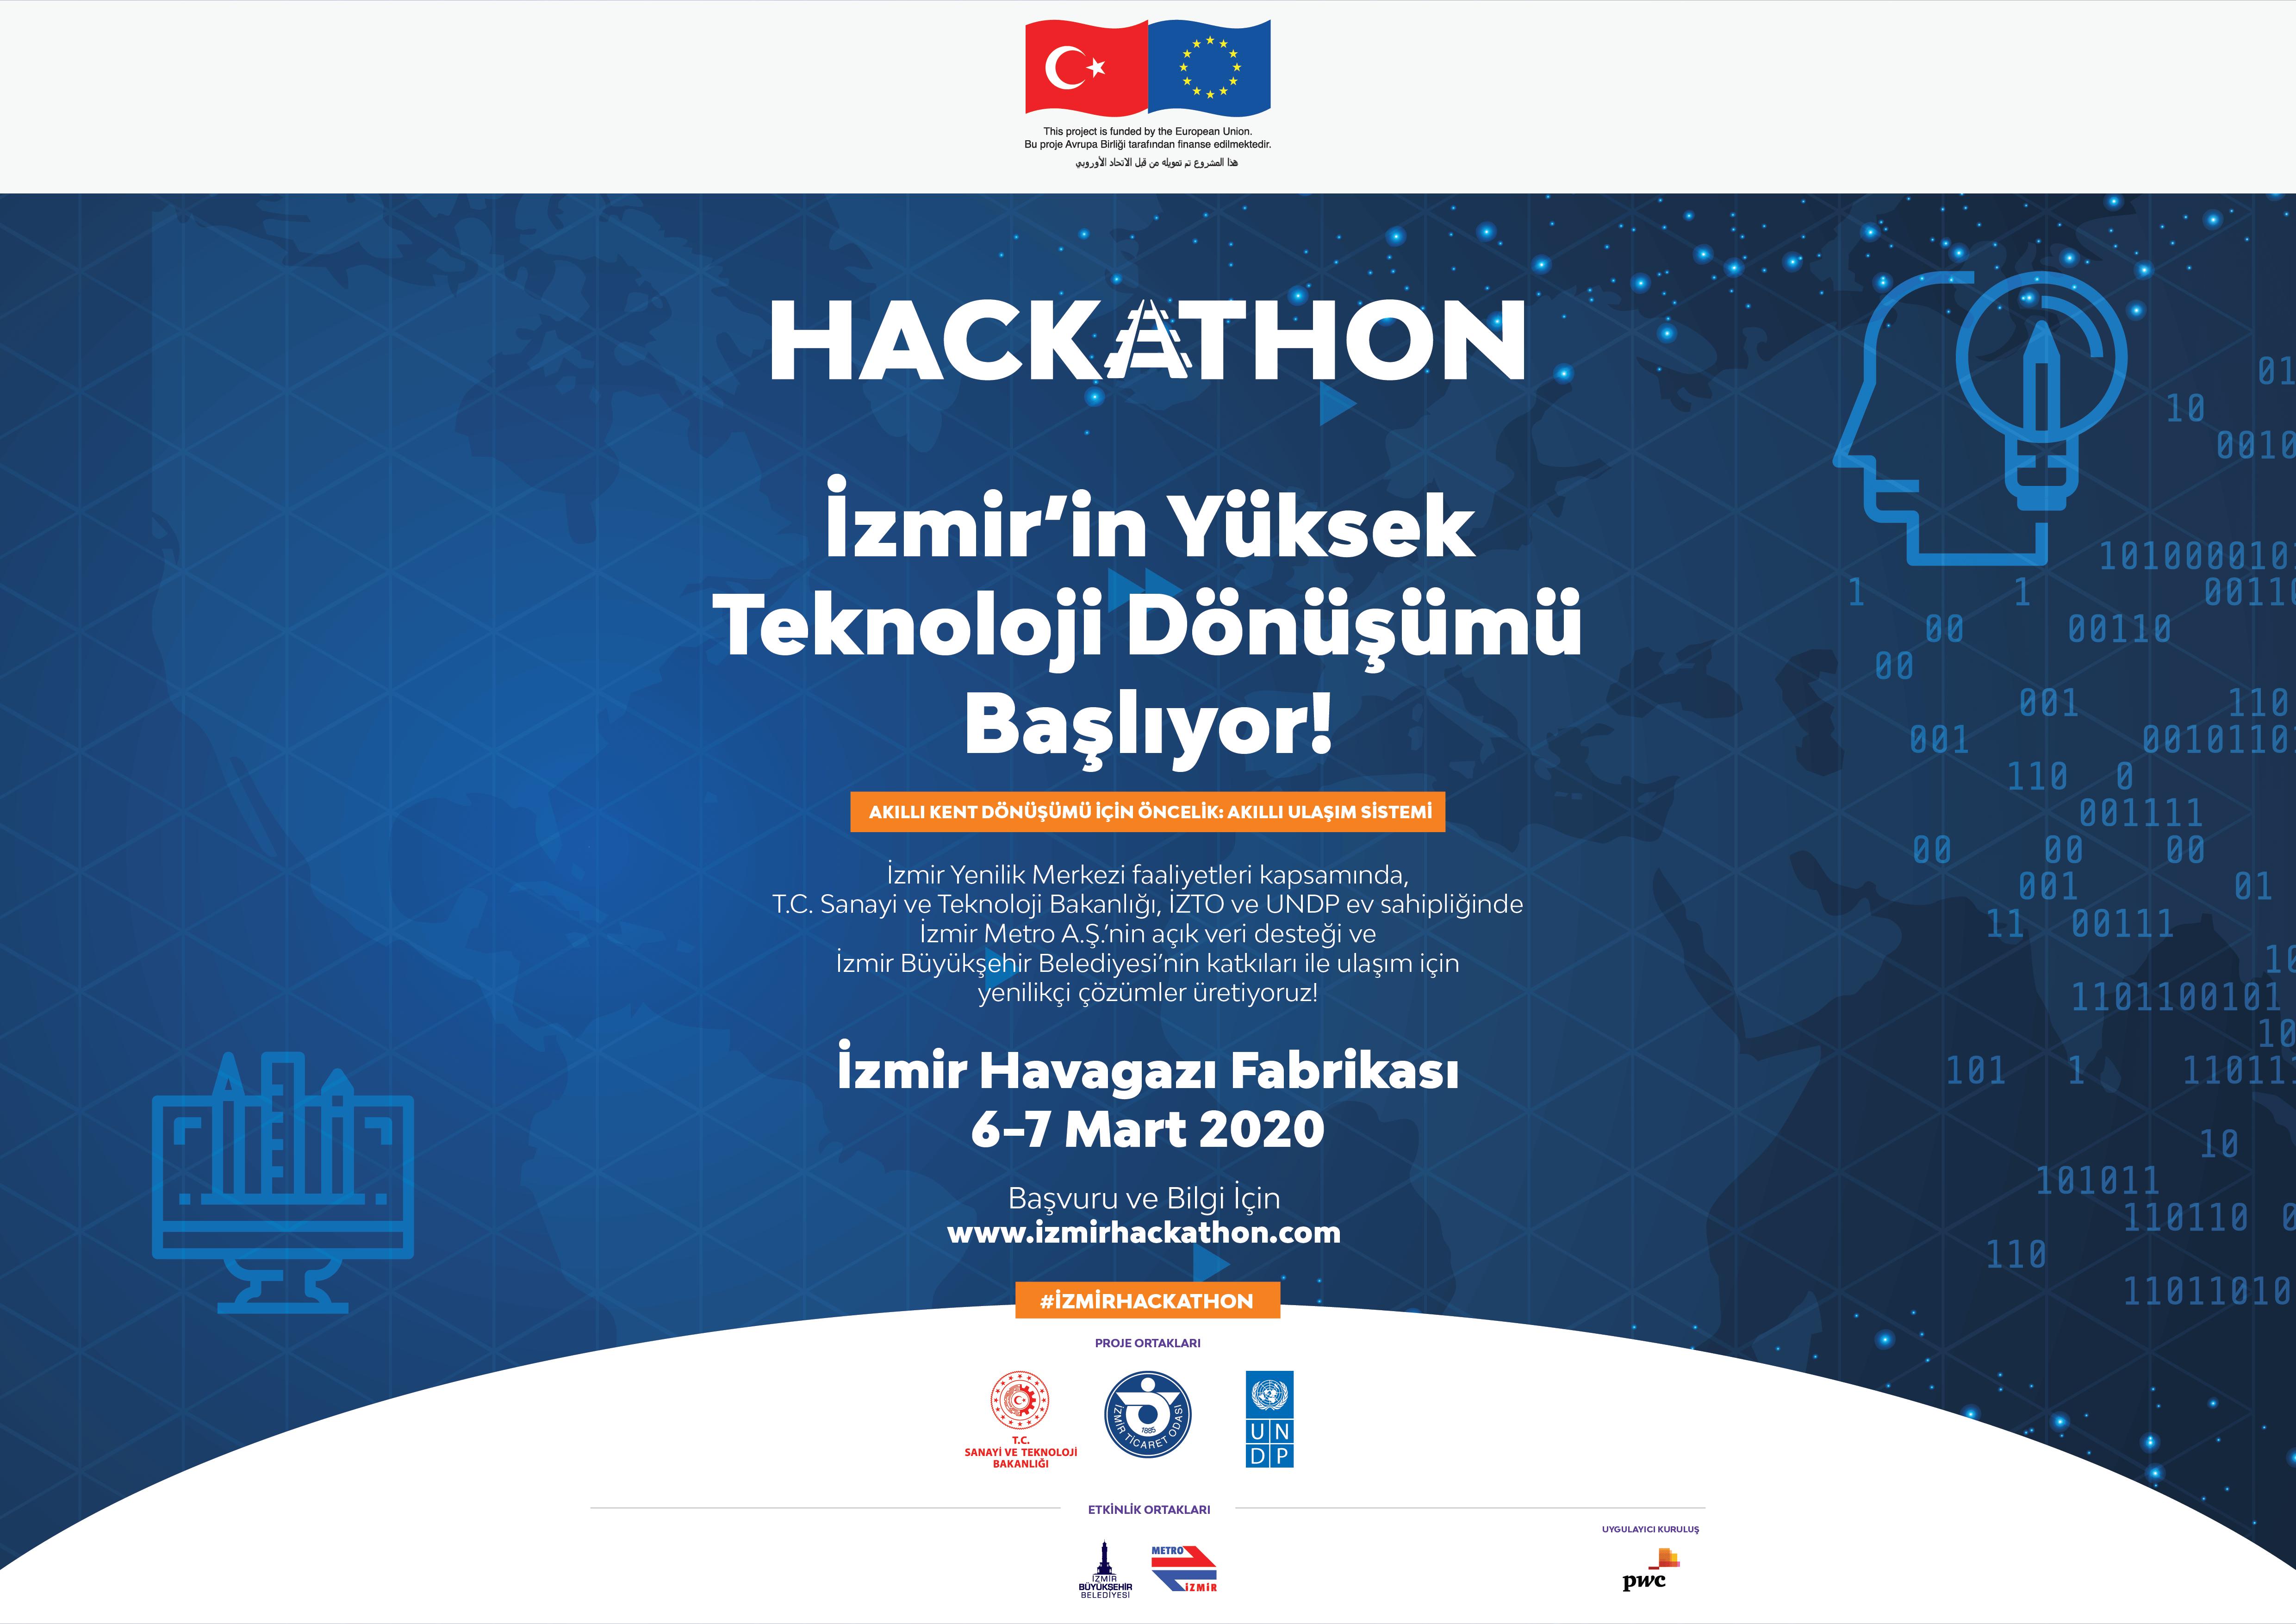 Kapsayıcı ve Akıllı Şehirler İçin İzmir'de Buluşuyoruz: İnovasyon, Dijitalleşme ve Yüksek Teknoloji Dönüşümü İzmir Hackhathon'unda